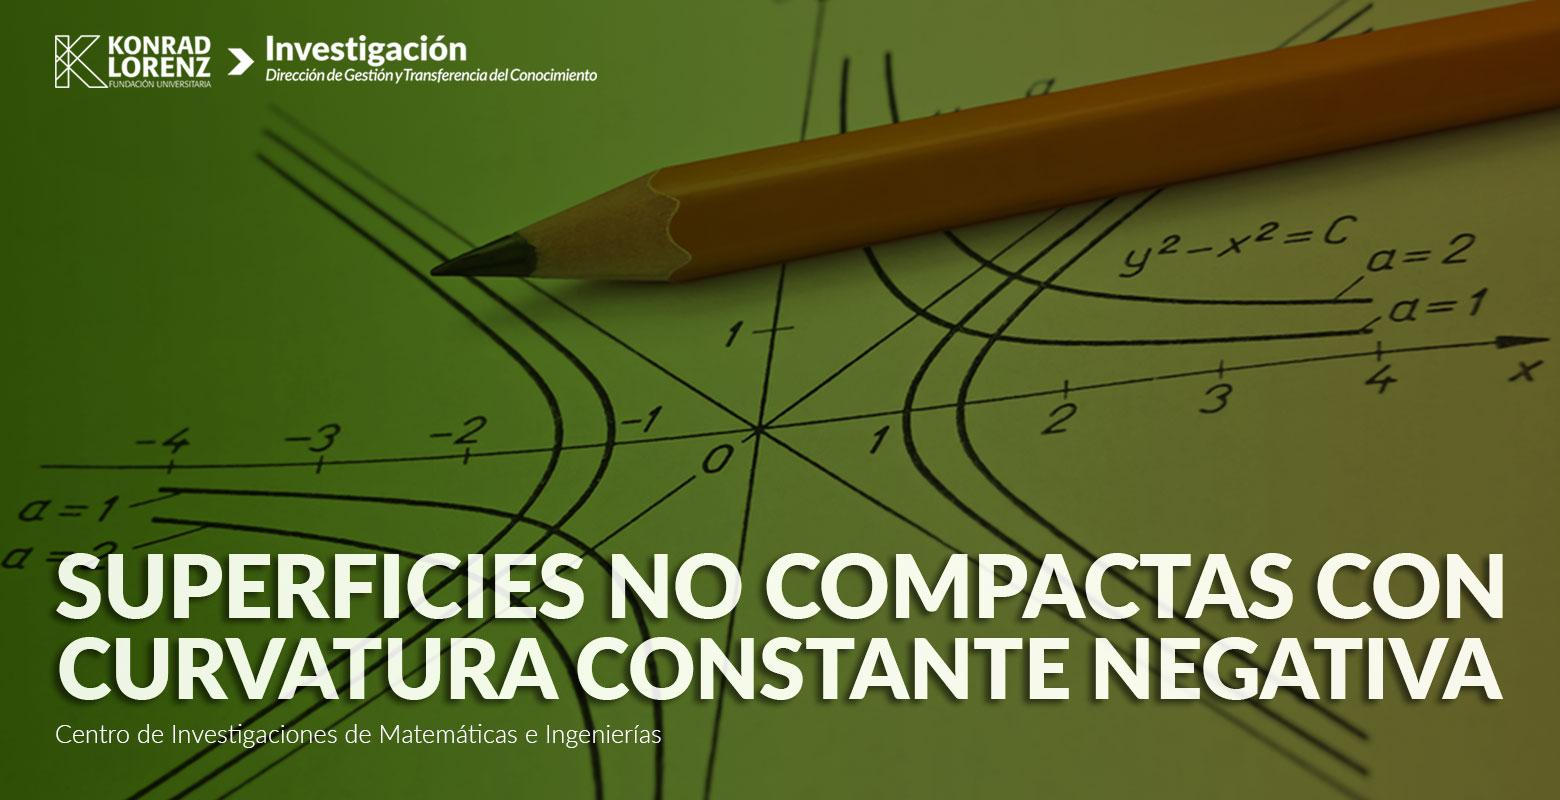 Superficies no compactas con curvatura constante negativa